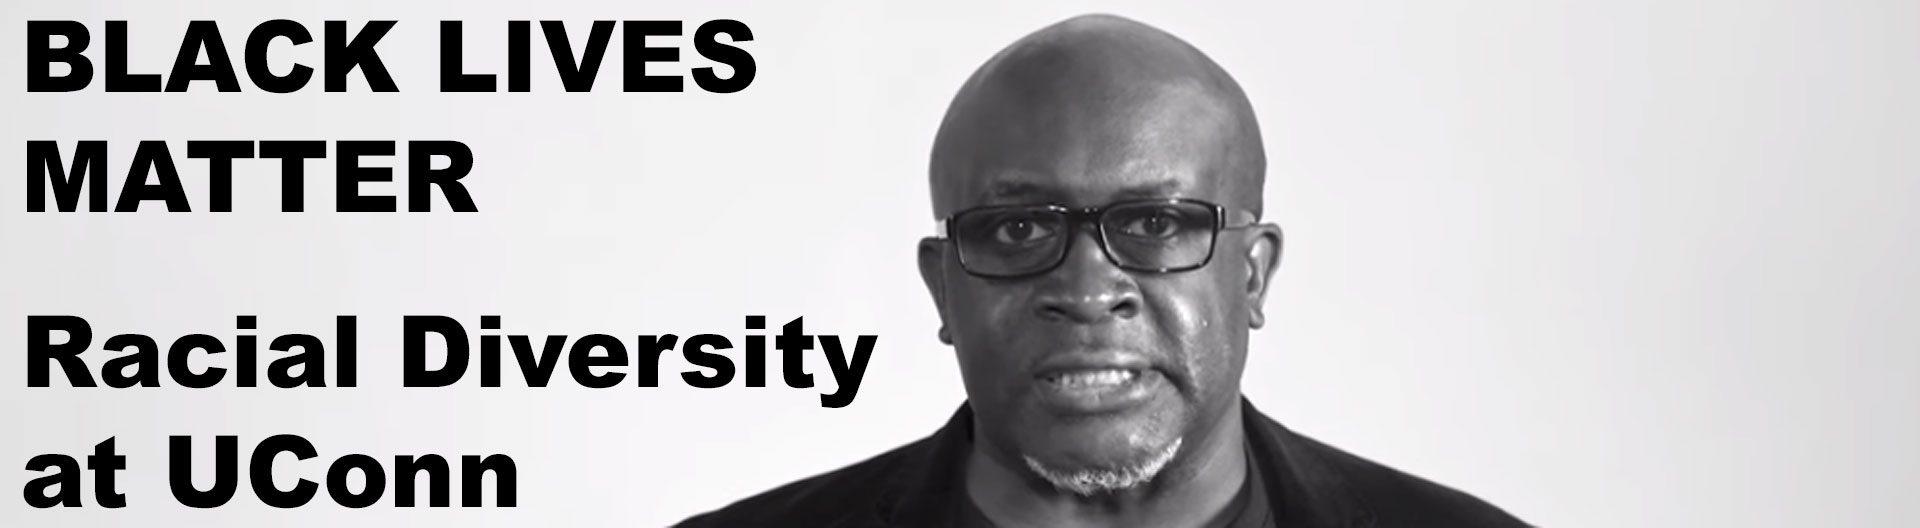 Frank Tuitt, text reads: BLACK LIVES MATTER Racial Diversity at UConn